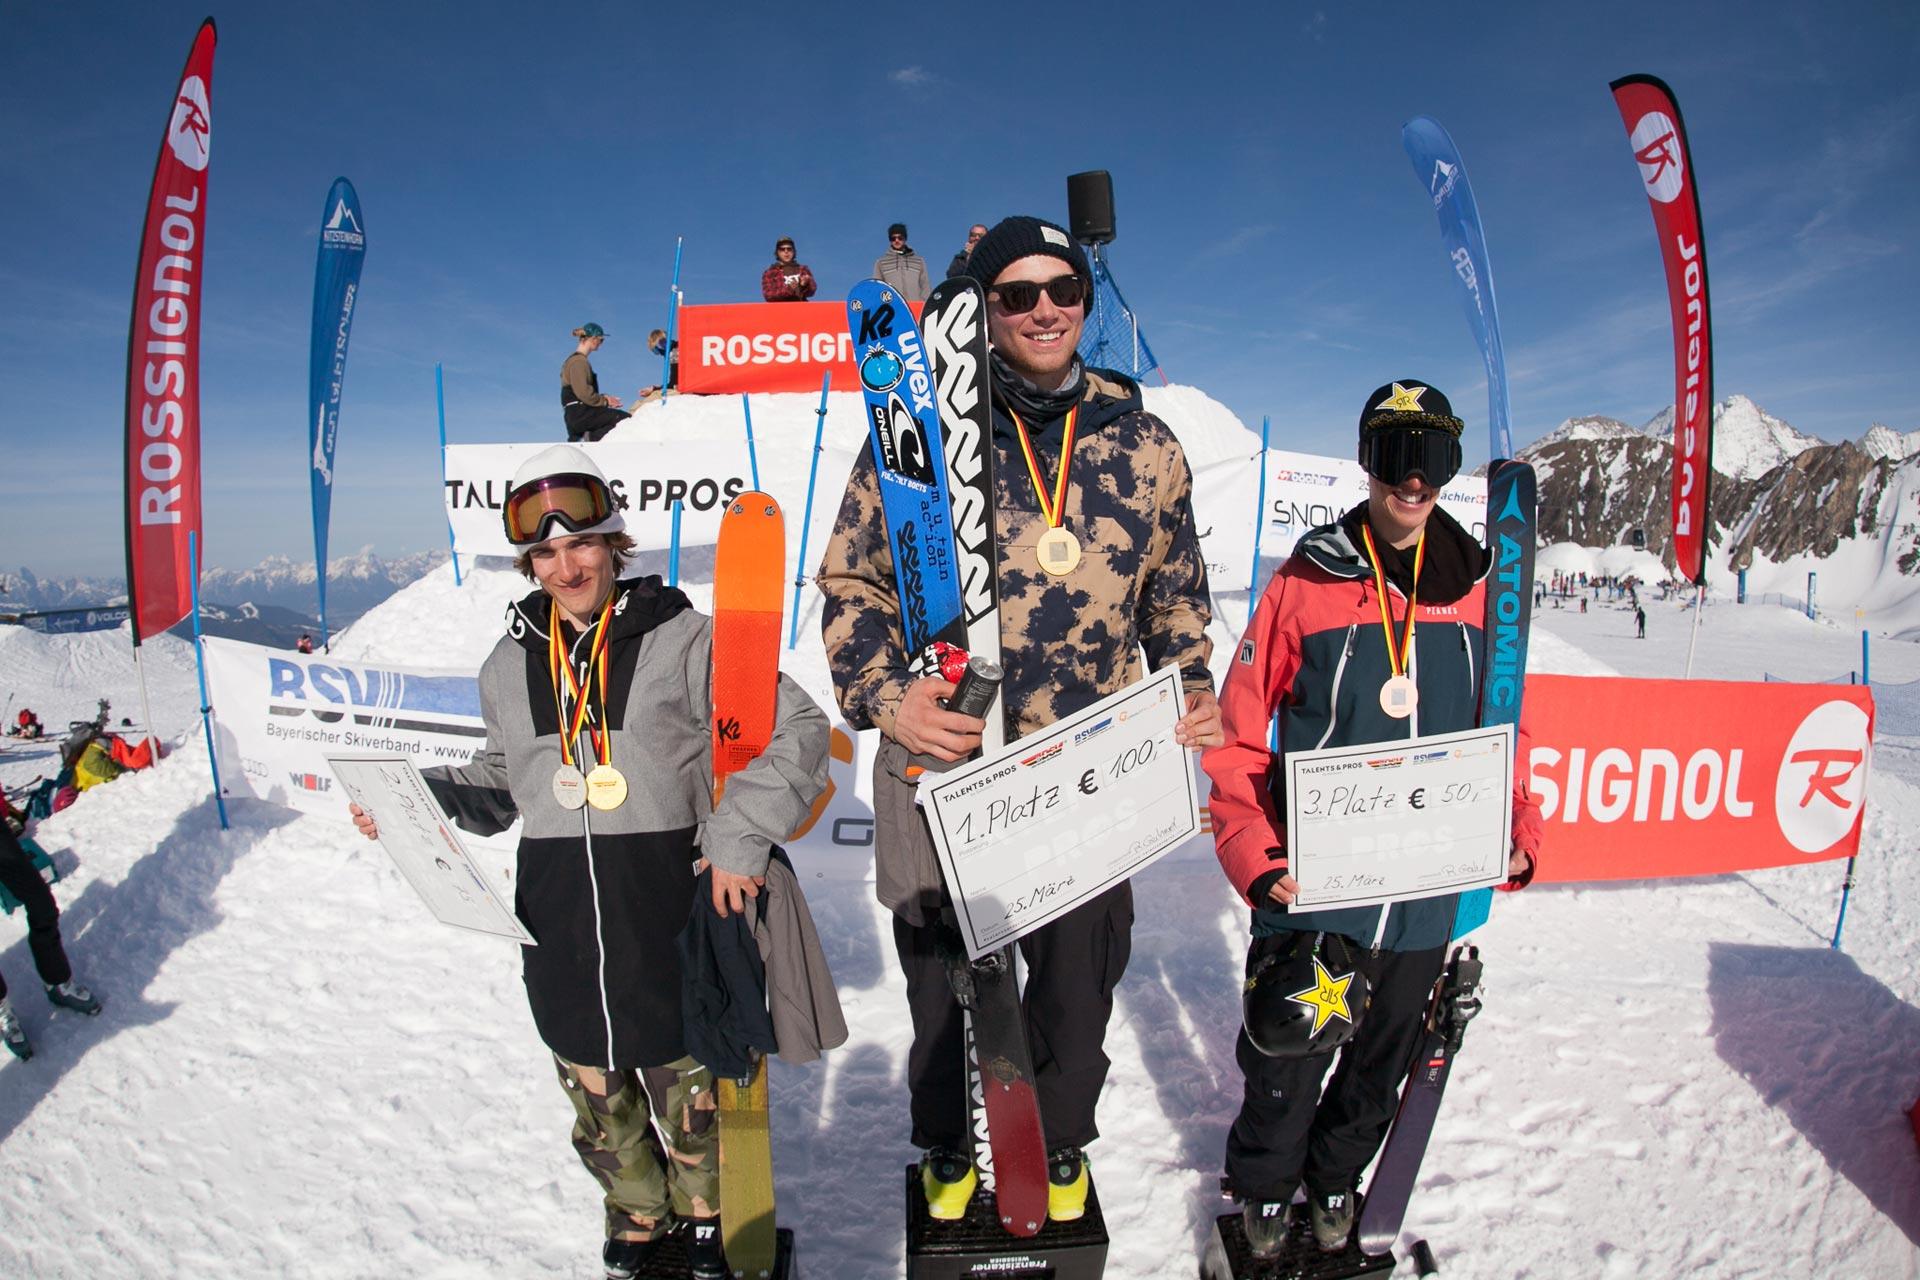 Die drei besten Slopestyle bei der Deutschen Meisterschaft am Kitzsteinhorn: Lukas Schlickenrieder, Tobi Müller und Flo Preuss (v.l.n.r.)